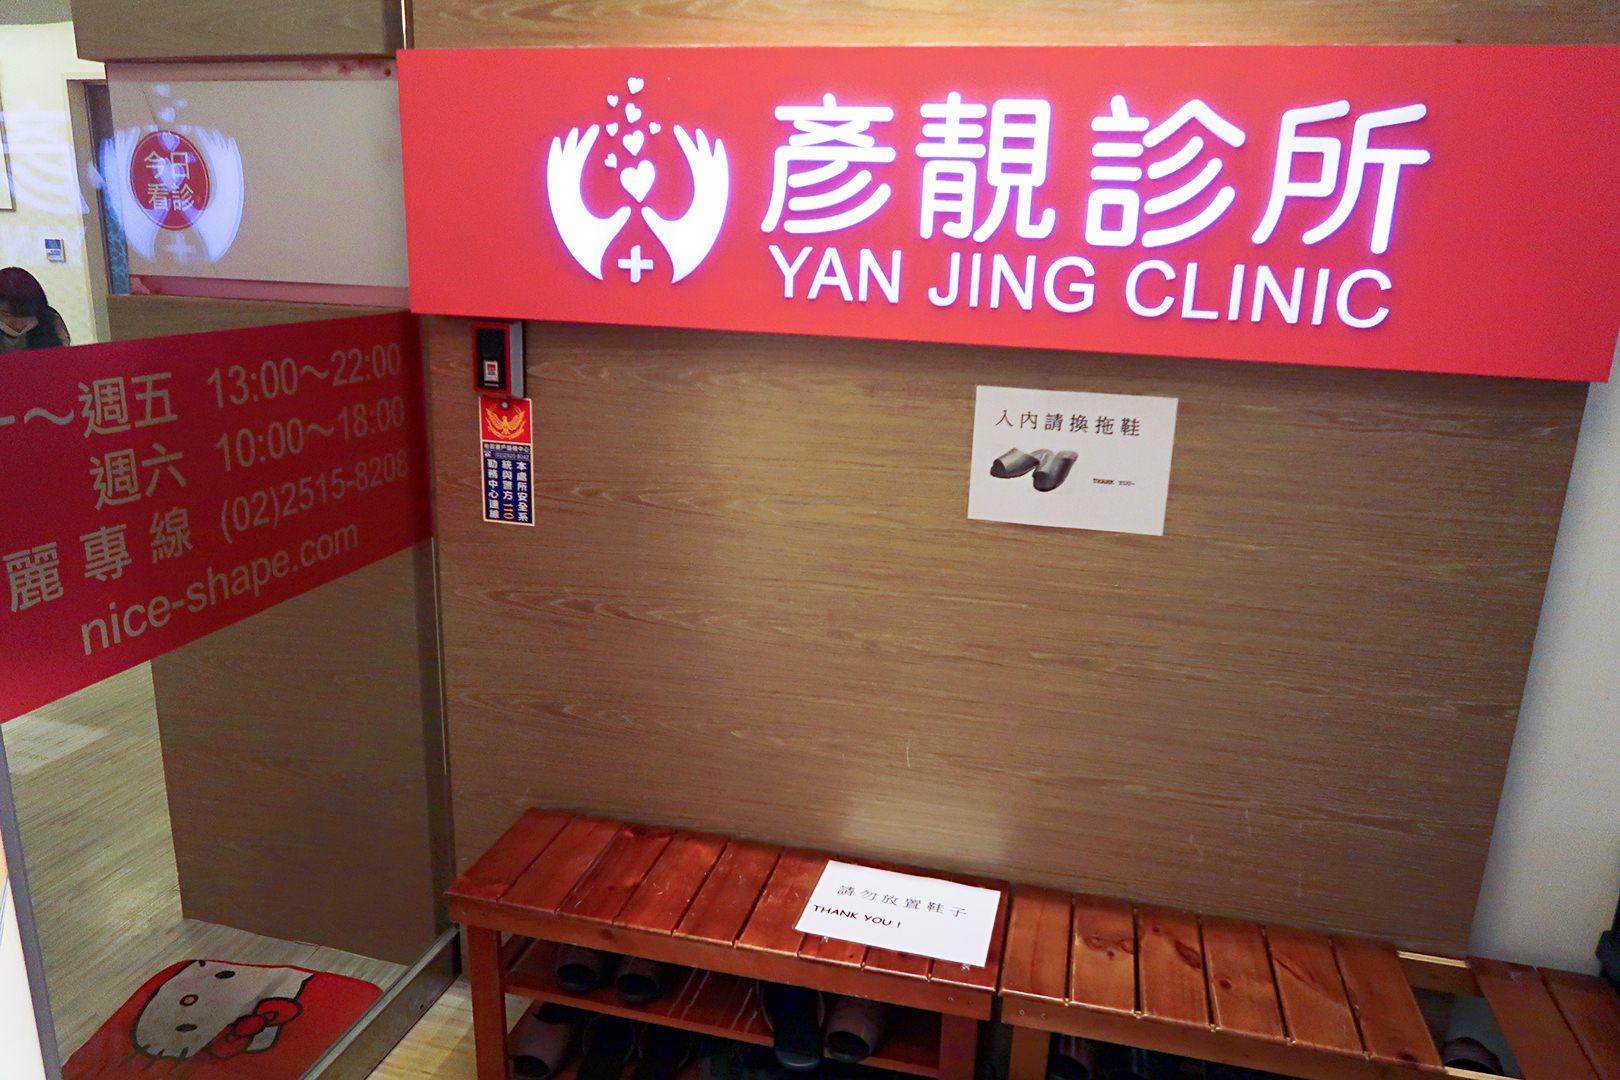 台北減重診所|彥靚診所減肥心得分享,彥靚診所台北、桃園、新竹